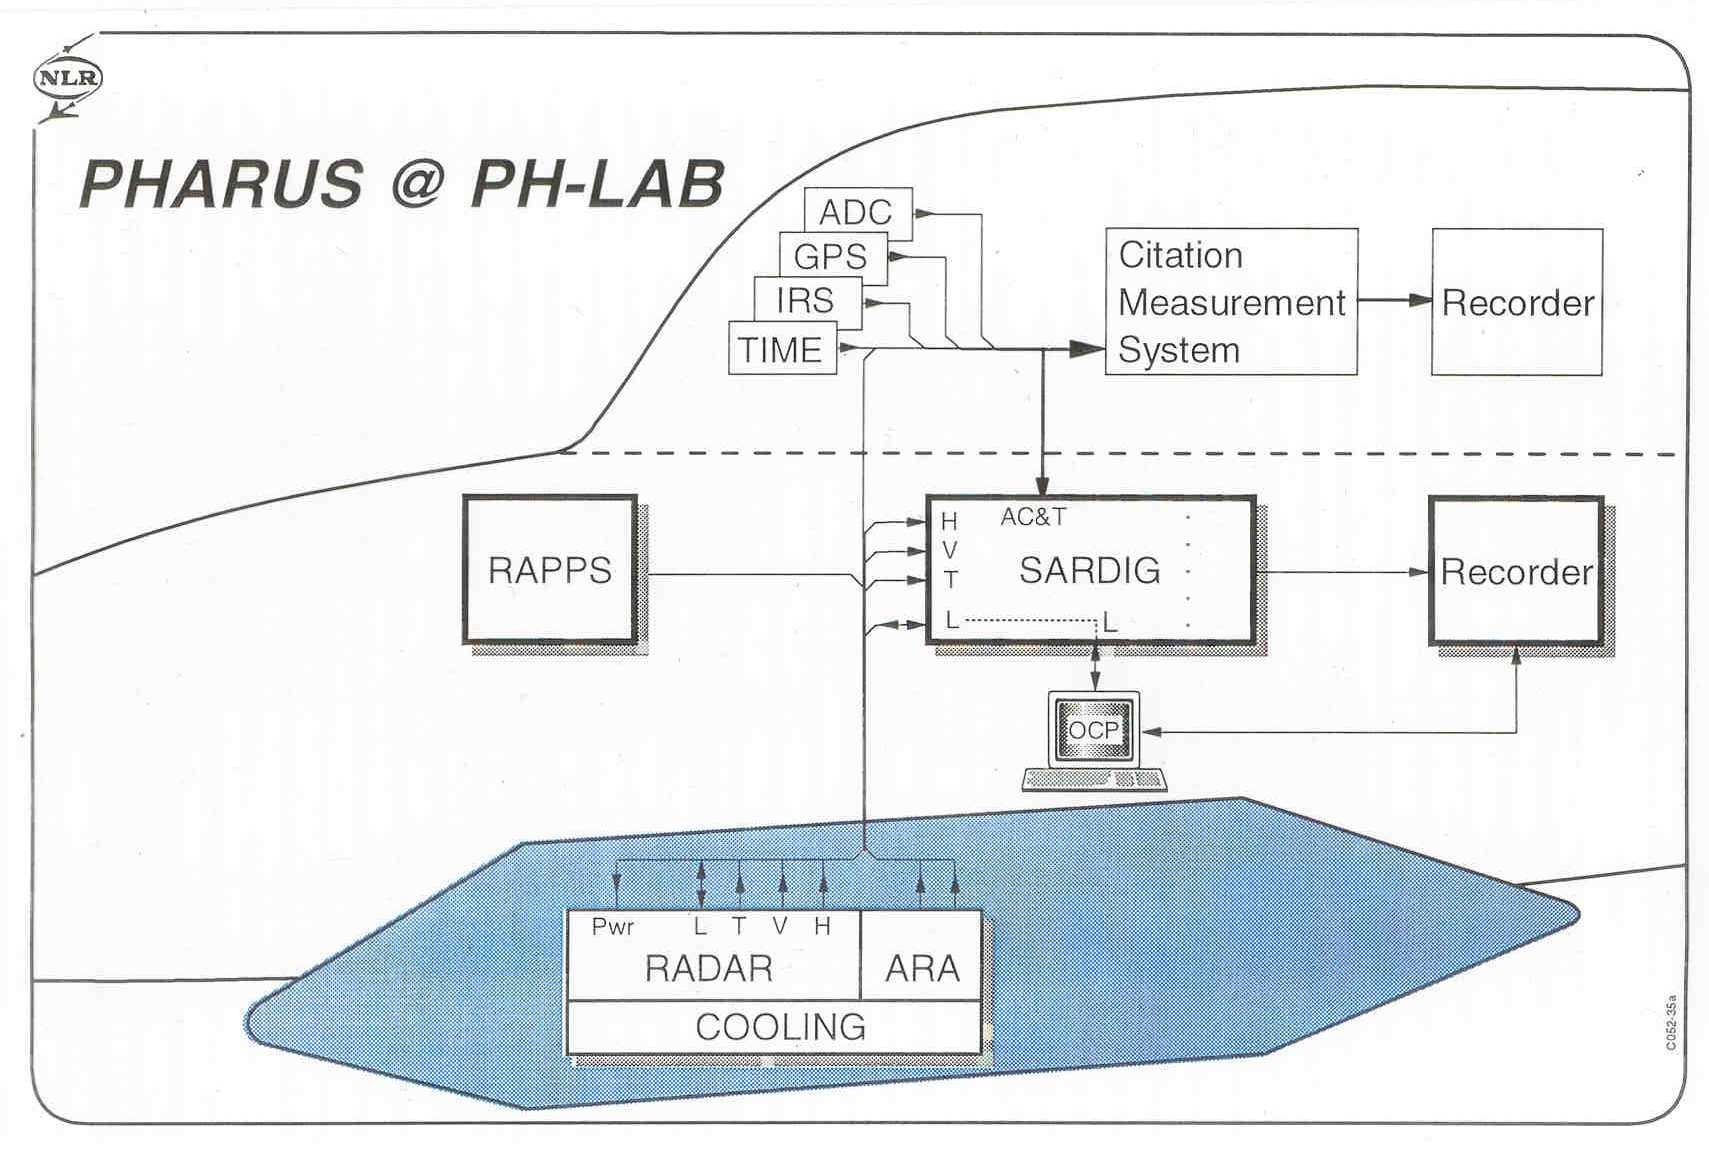 PHARUS pod design